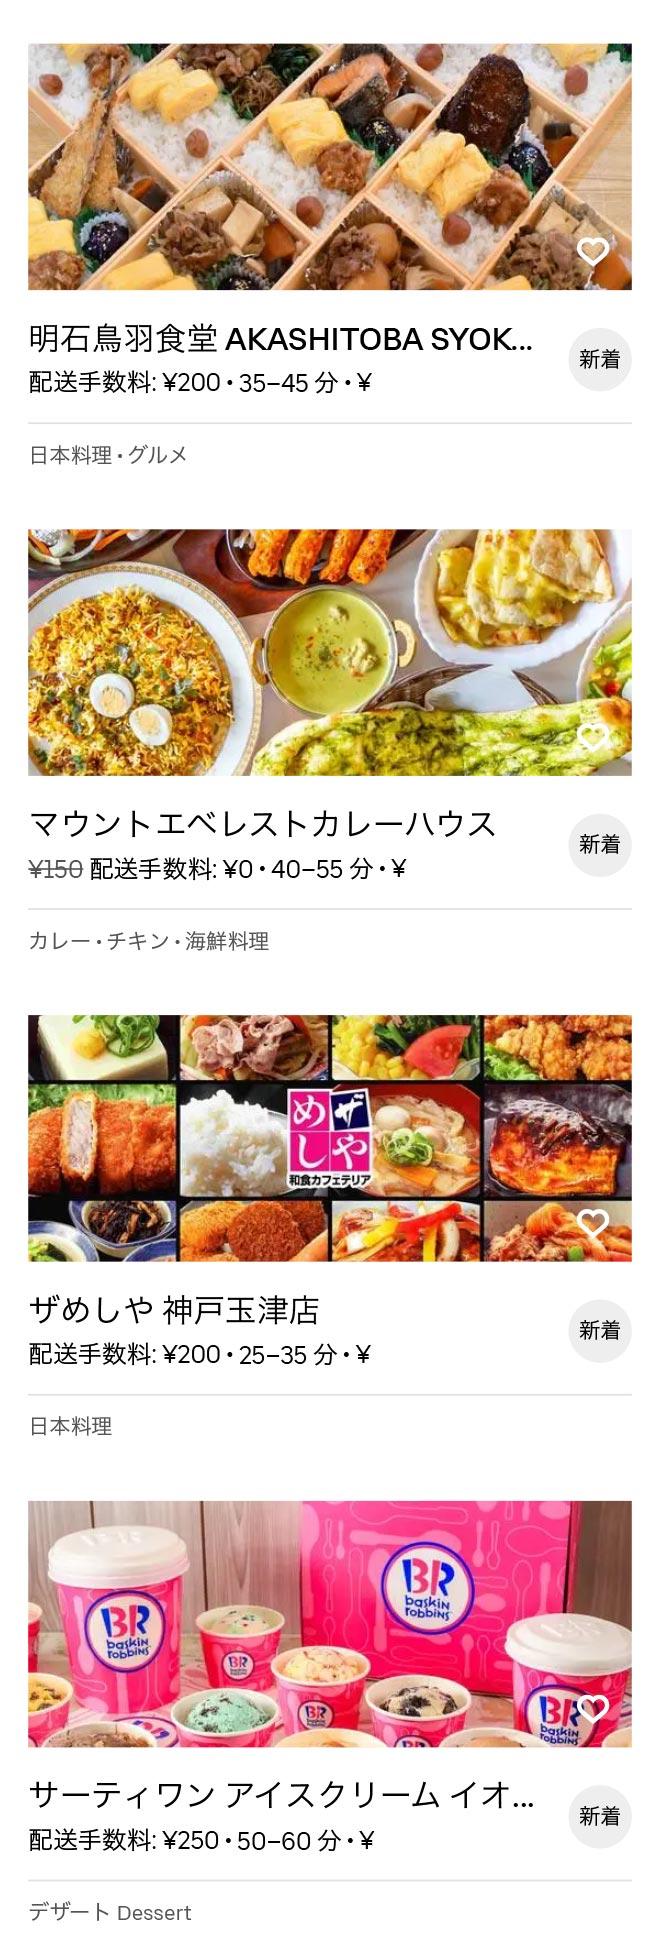 Nishi akashi menu 2010 04